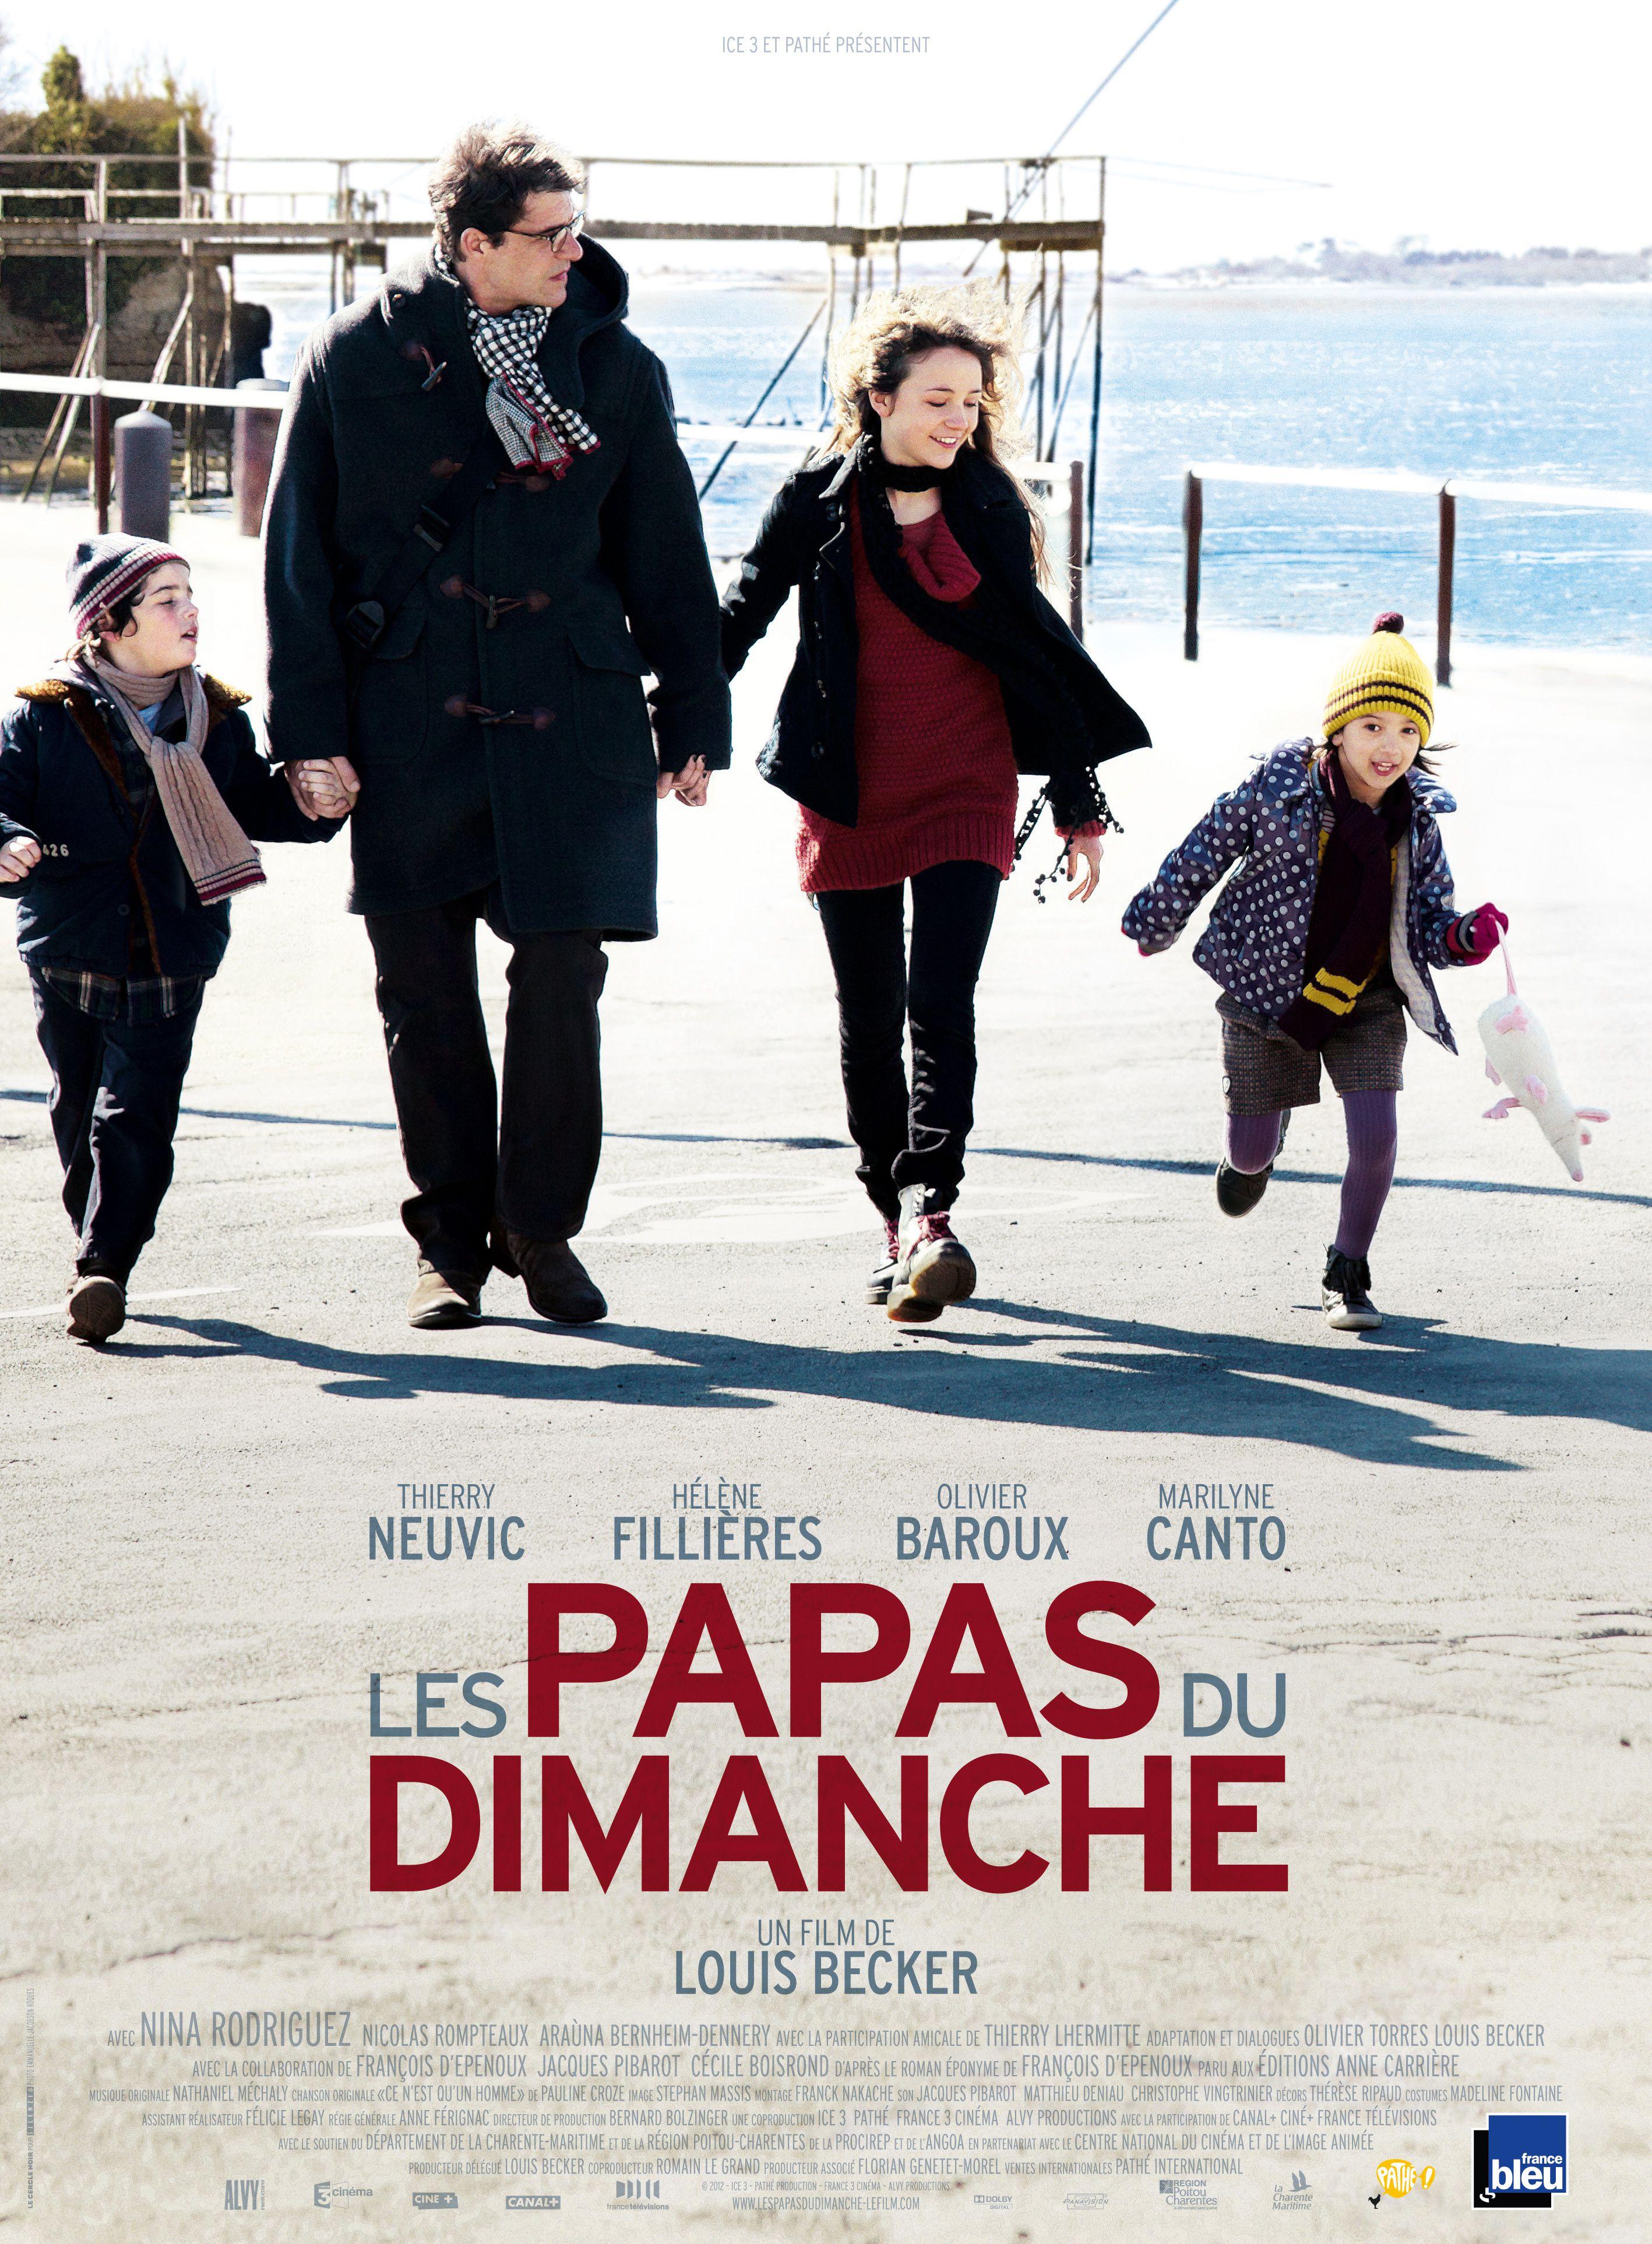 Les Papas du dimanche - Film (2012)